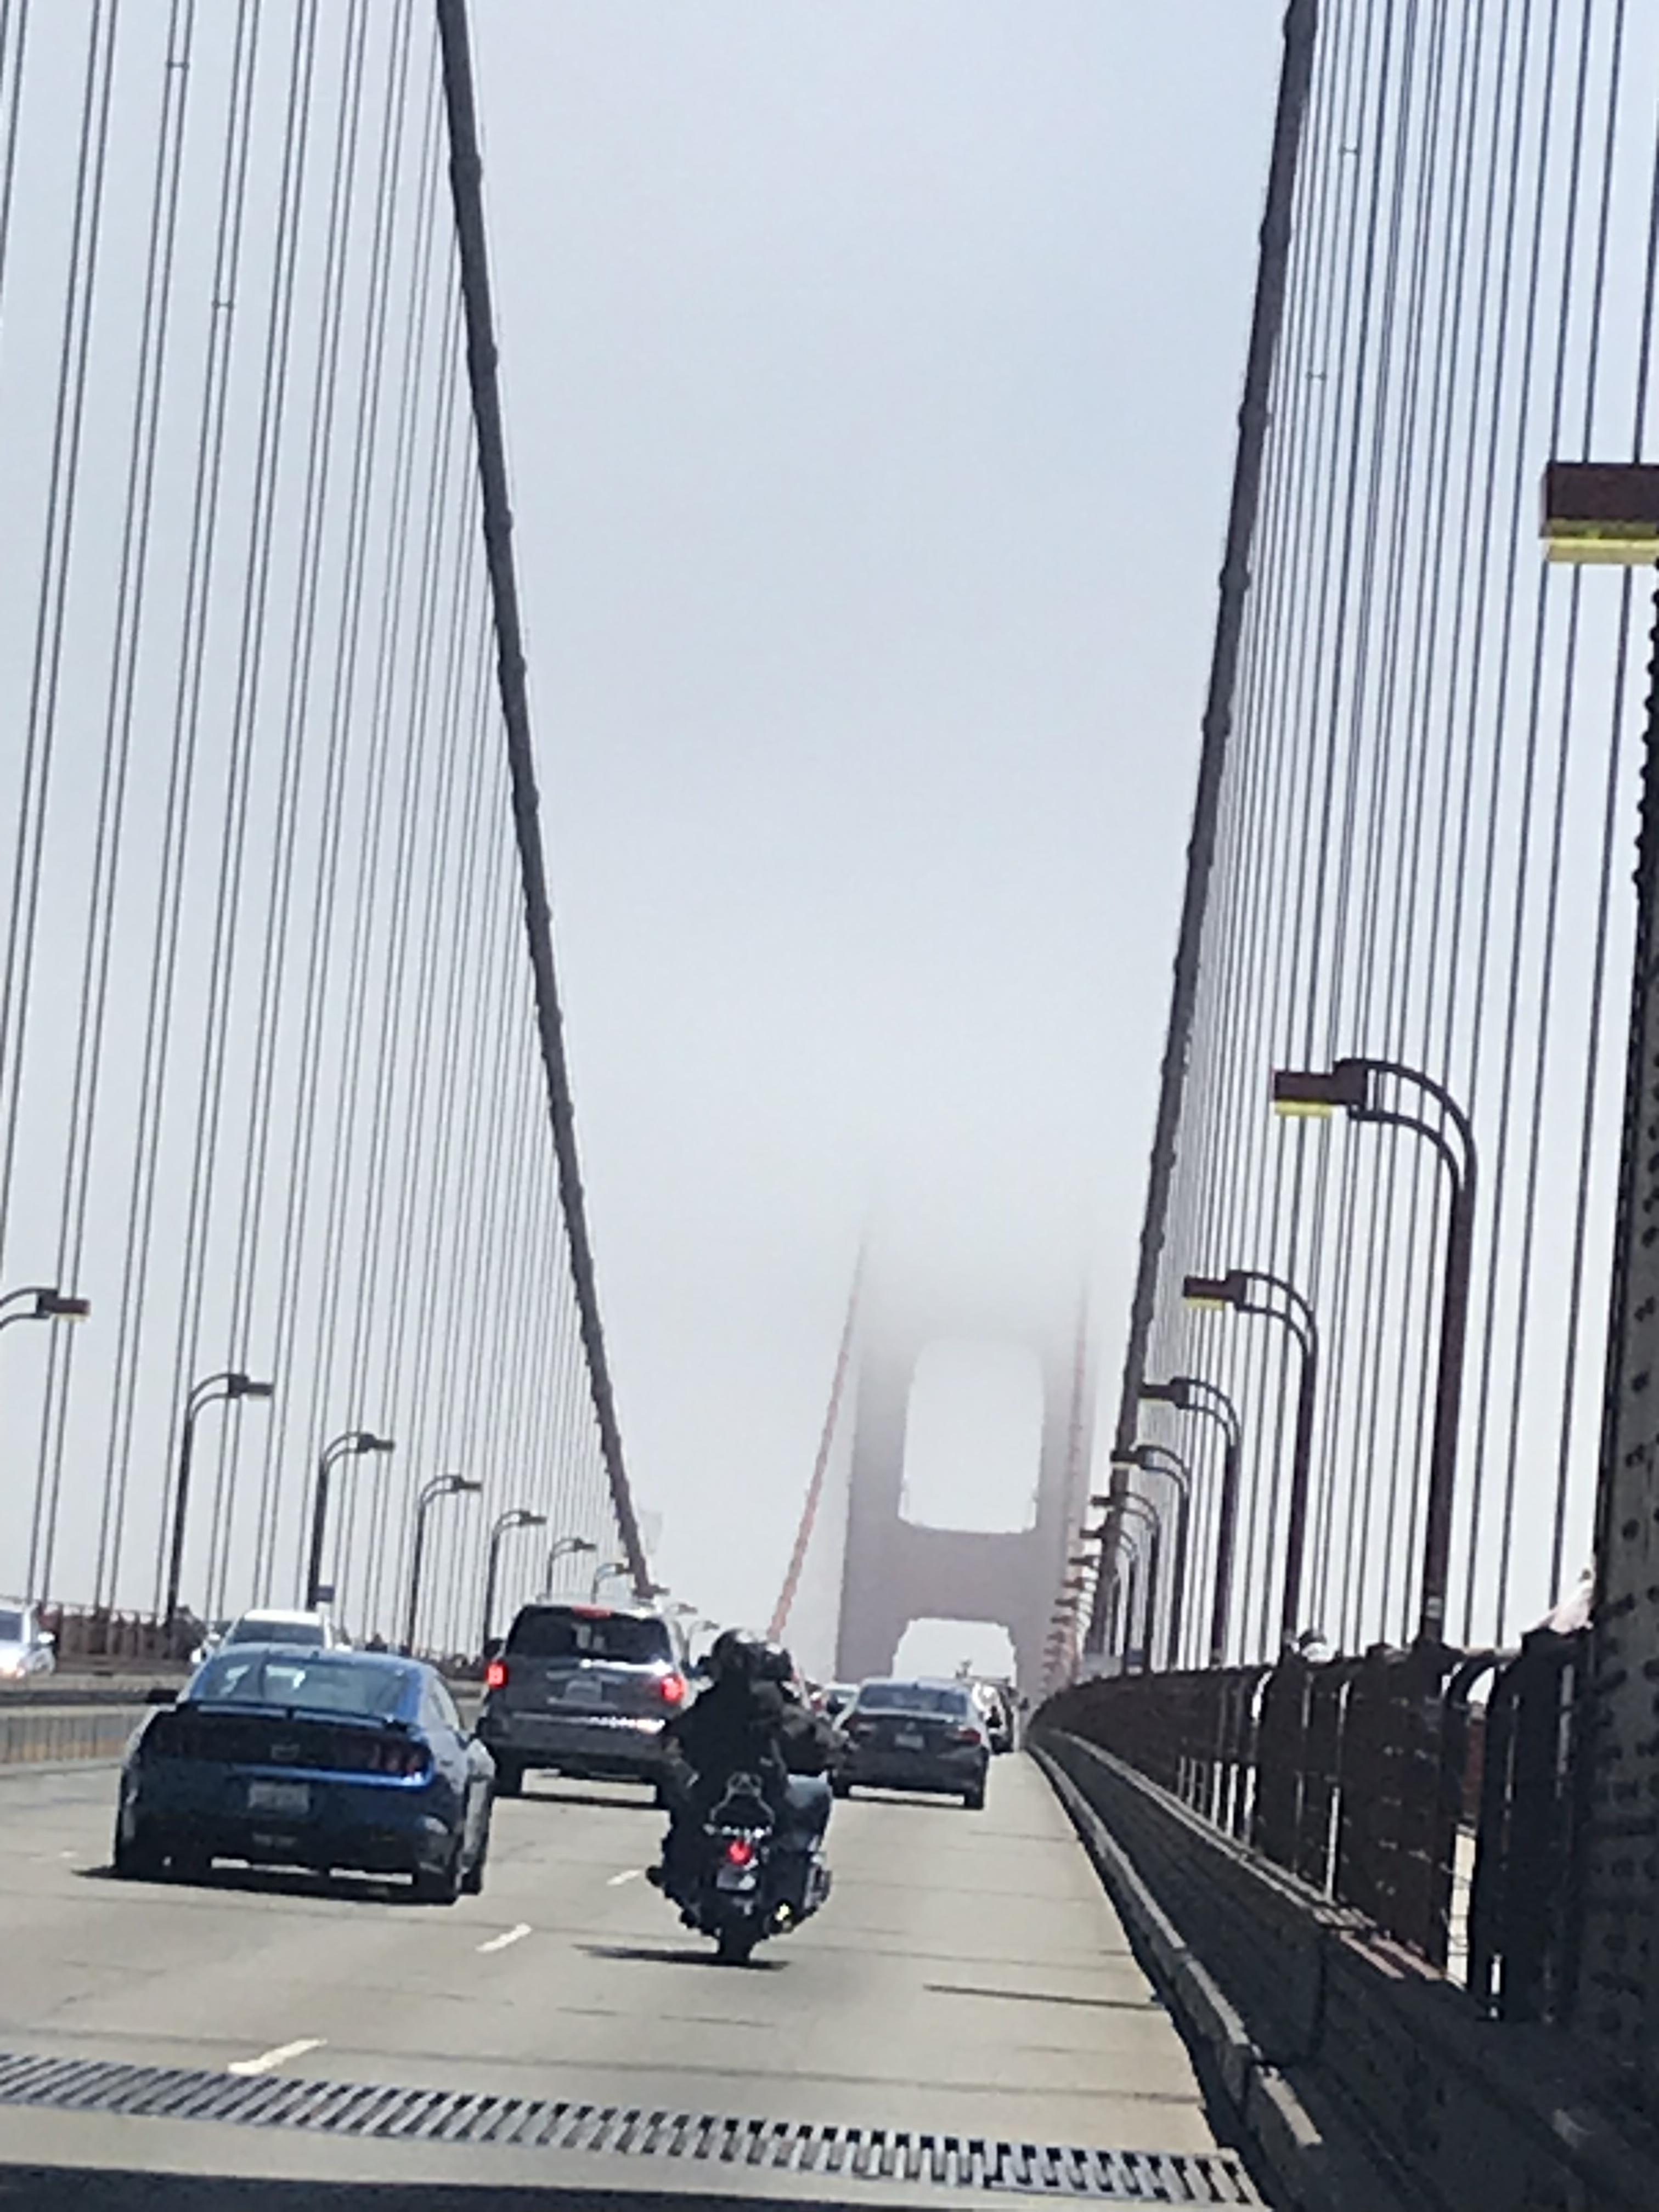 Golden Gate Bridge San Francisco CA 2021